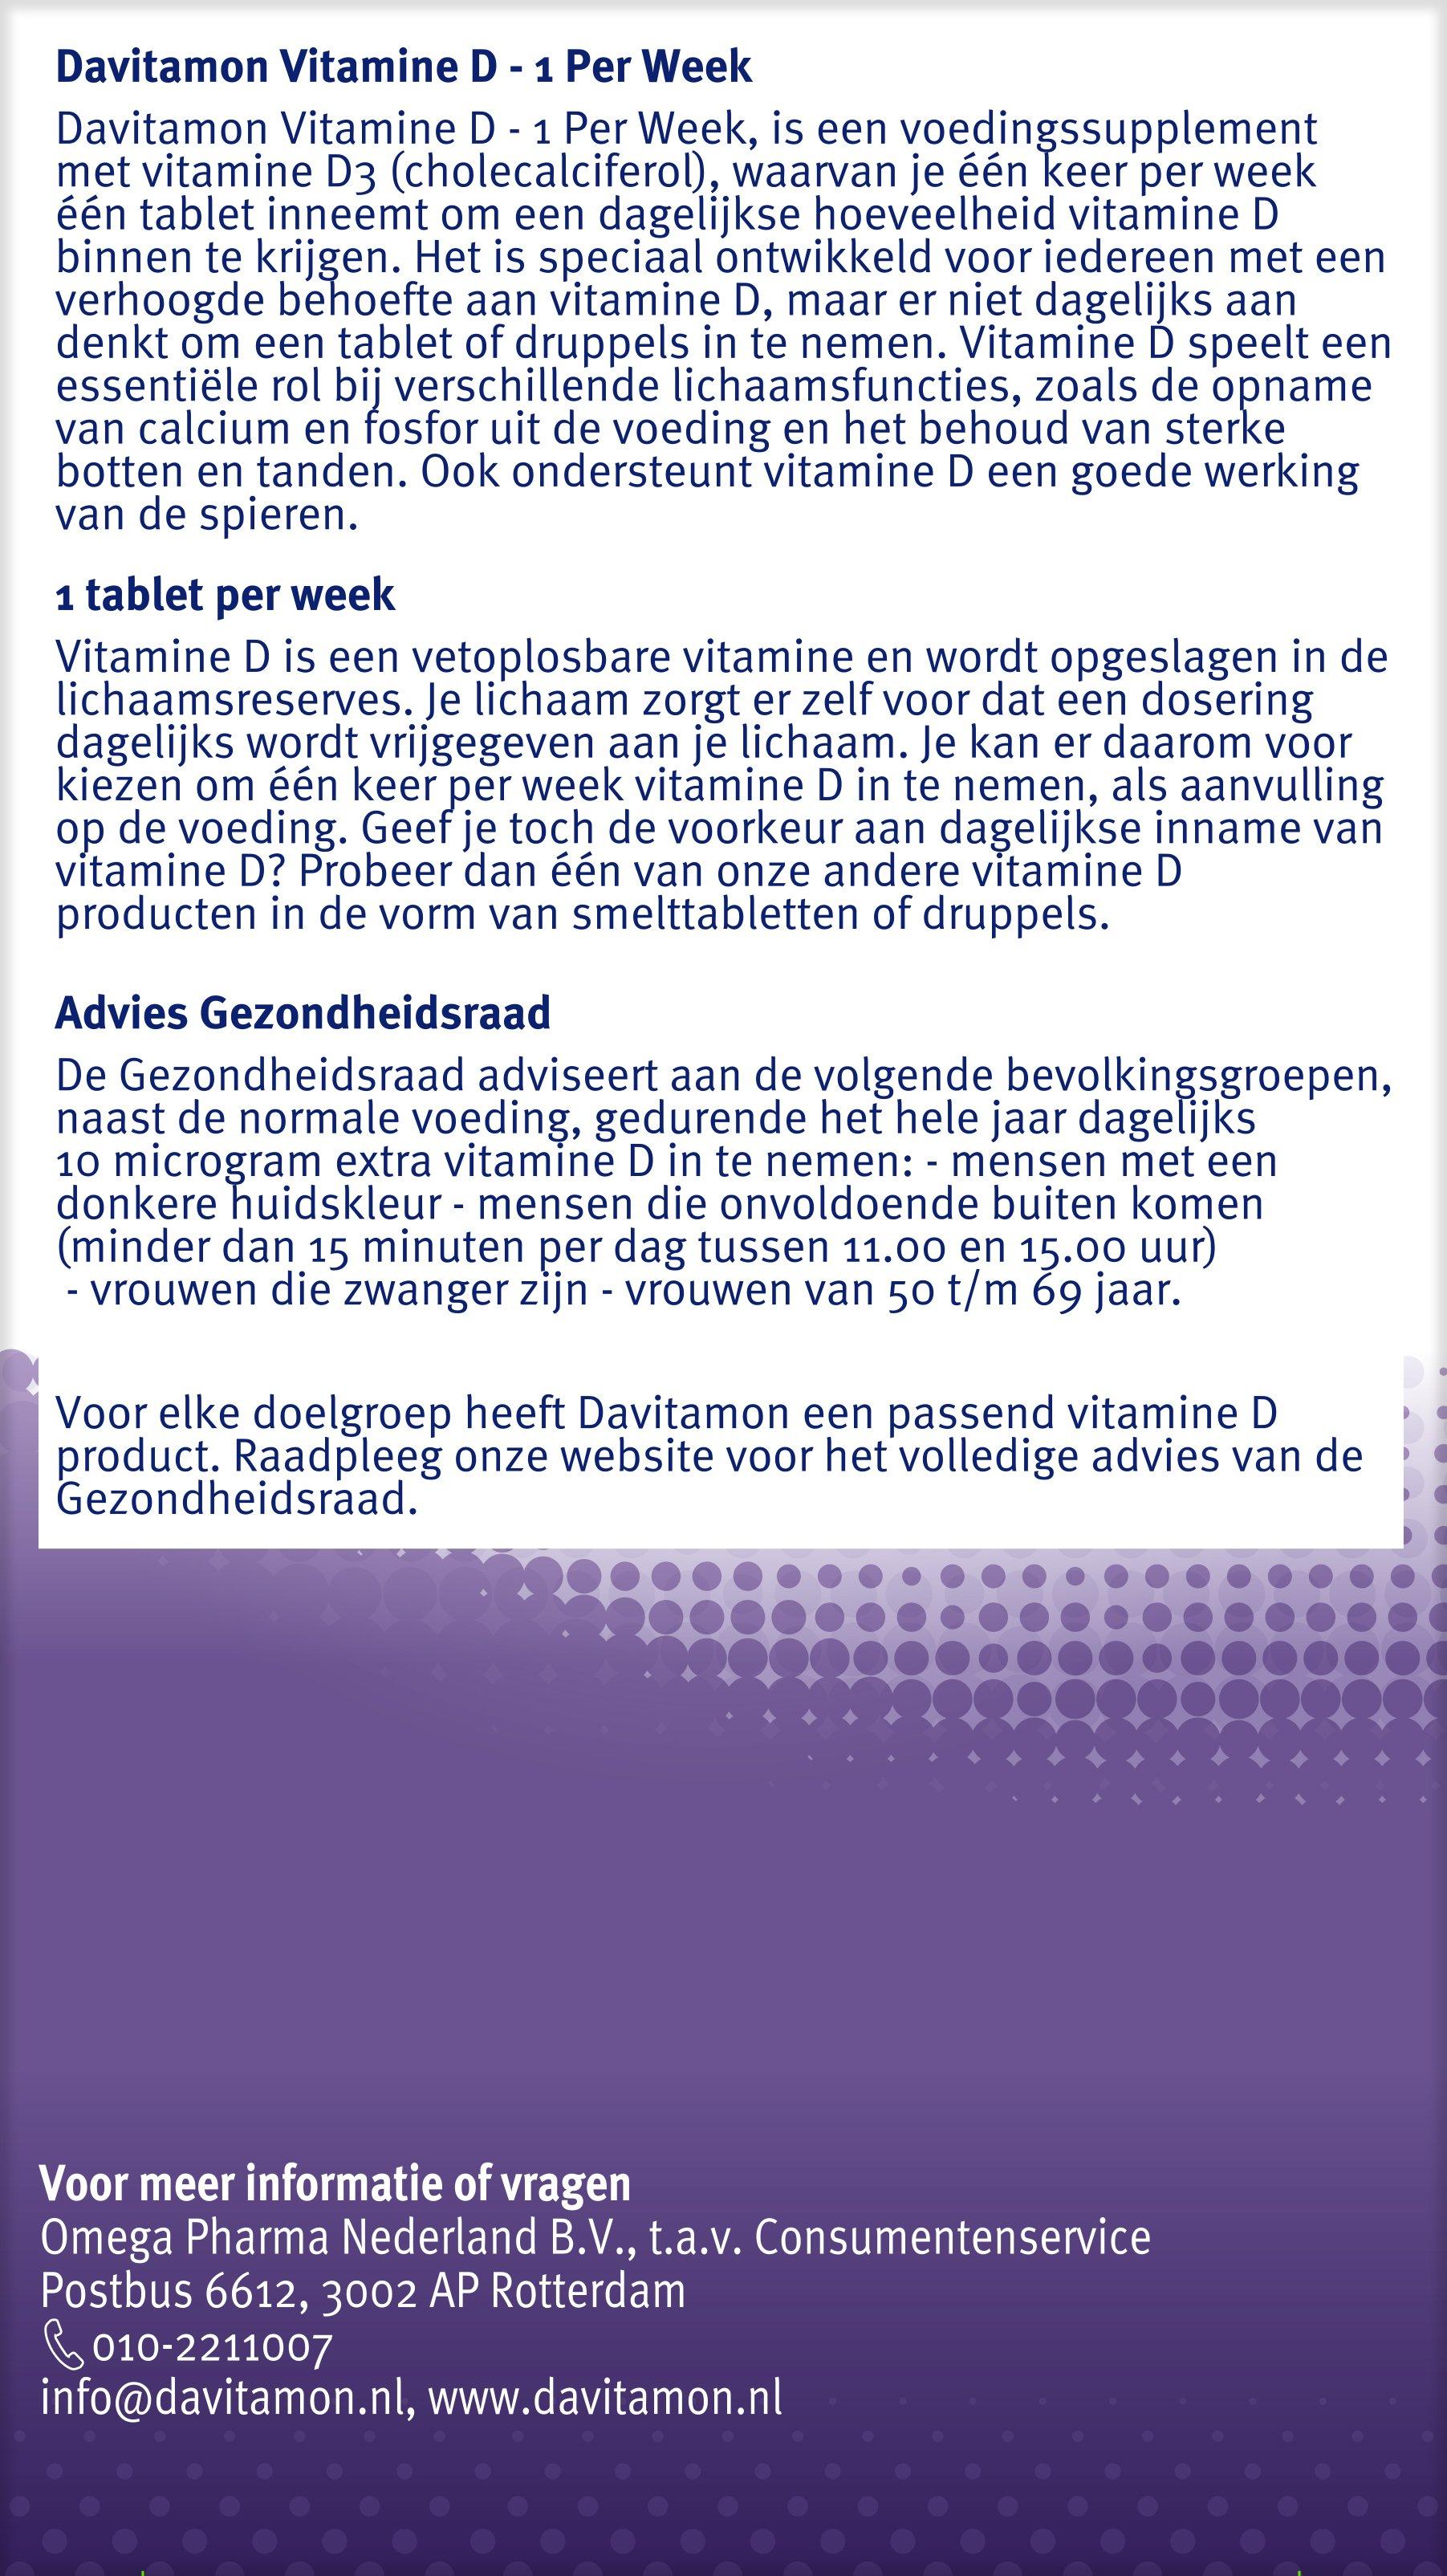 Davitamon Vitamine D week tabletten Gezondheidsraad